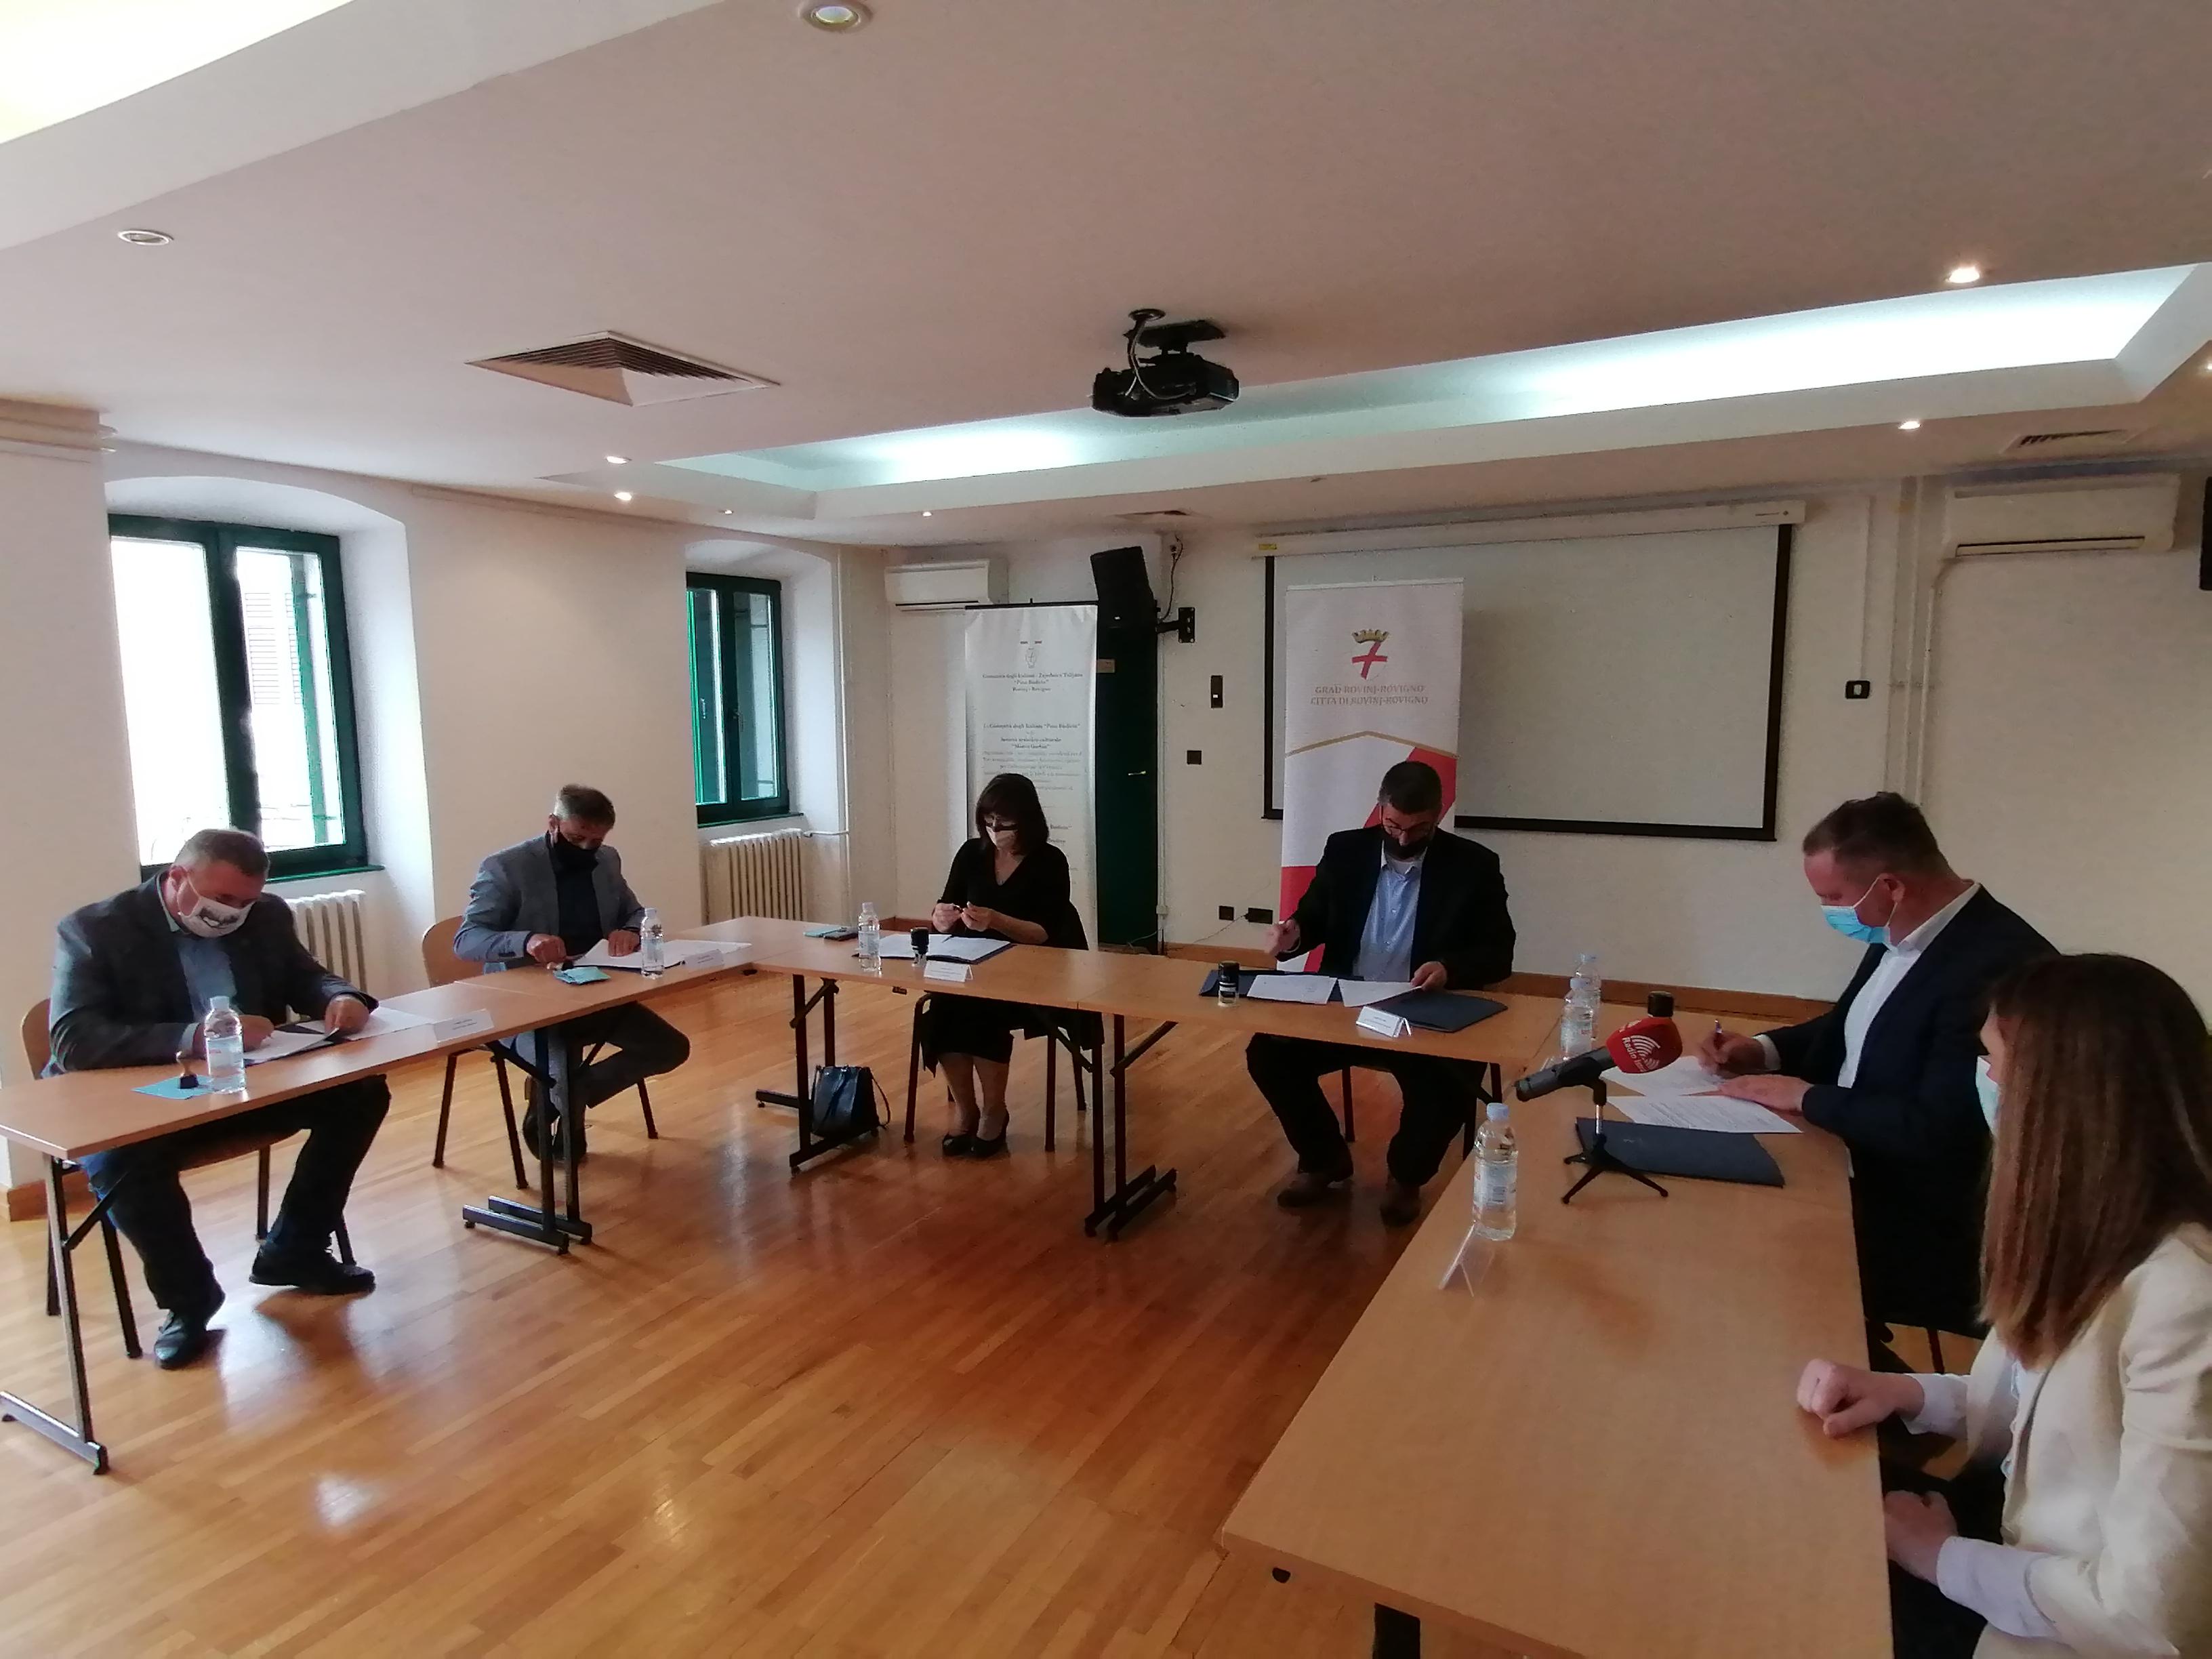 Grad Rovinj-Rovigno sa susjednim Općinama osigurati će rad dodatnog tima Hitne pomoći tijekom ljetnih mjeseci